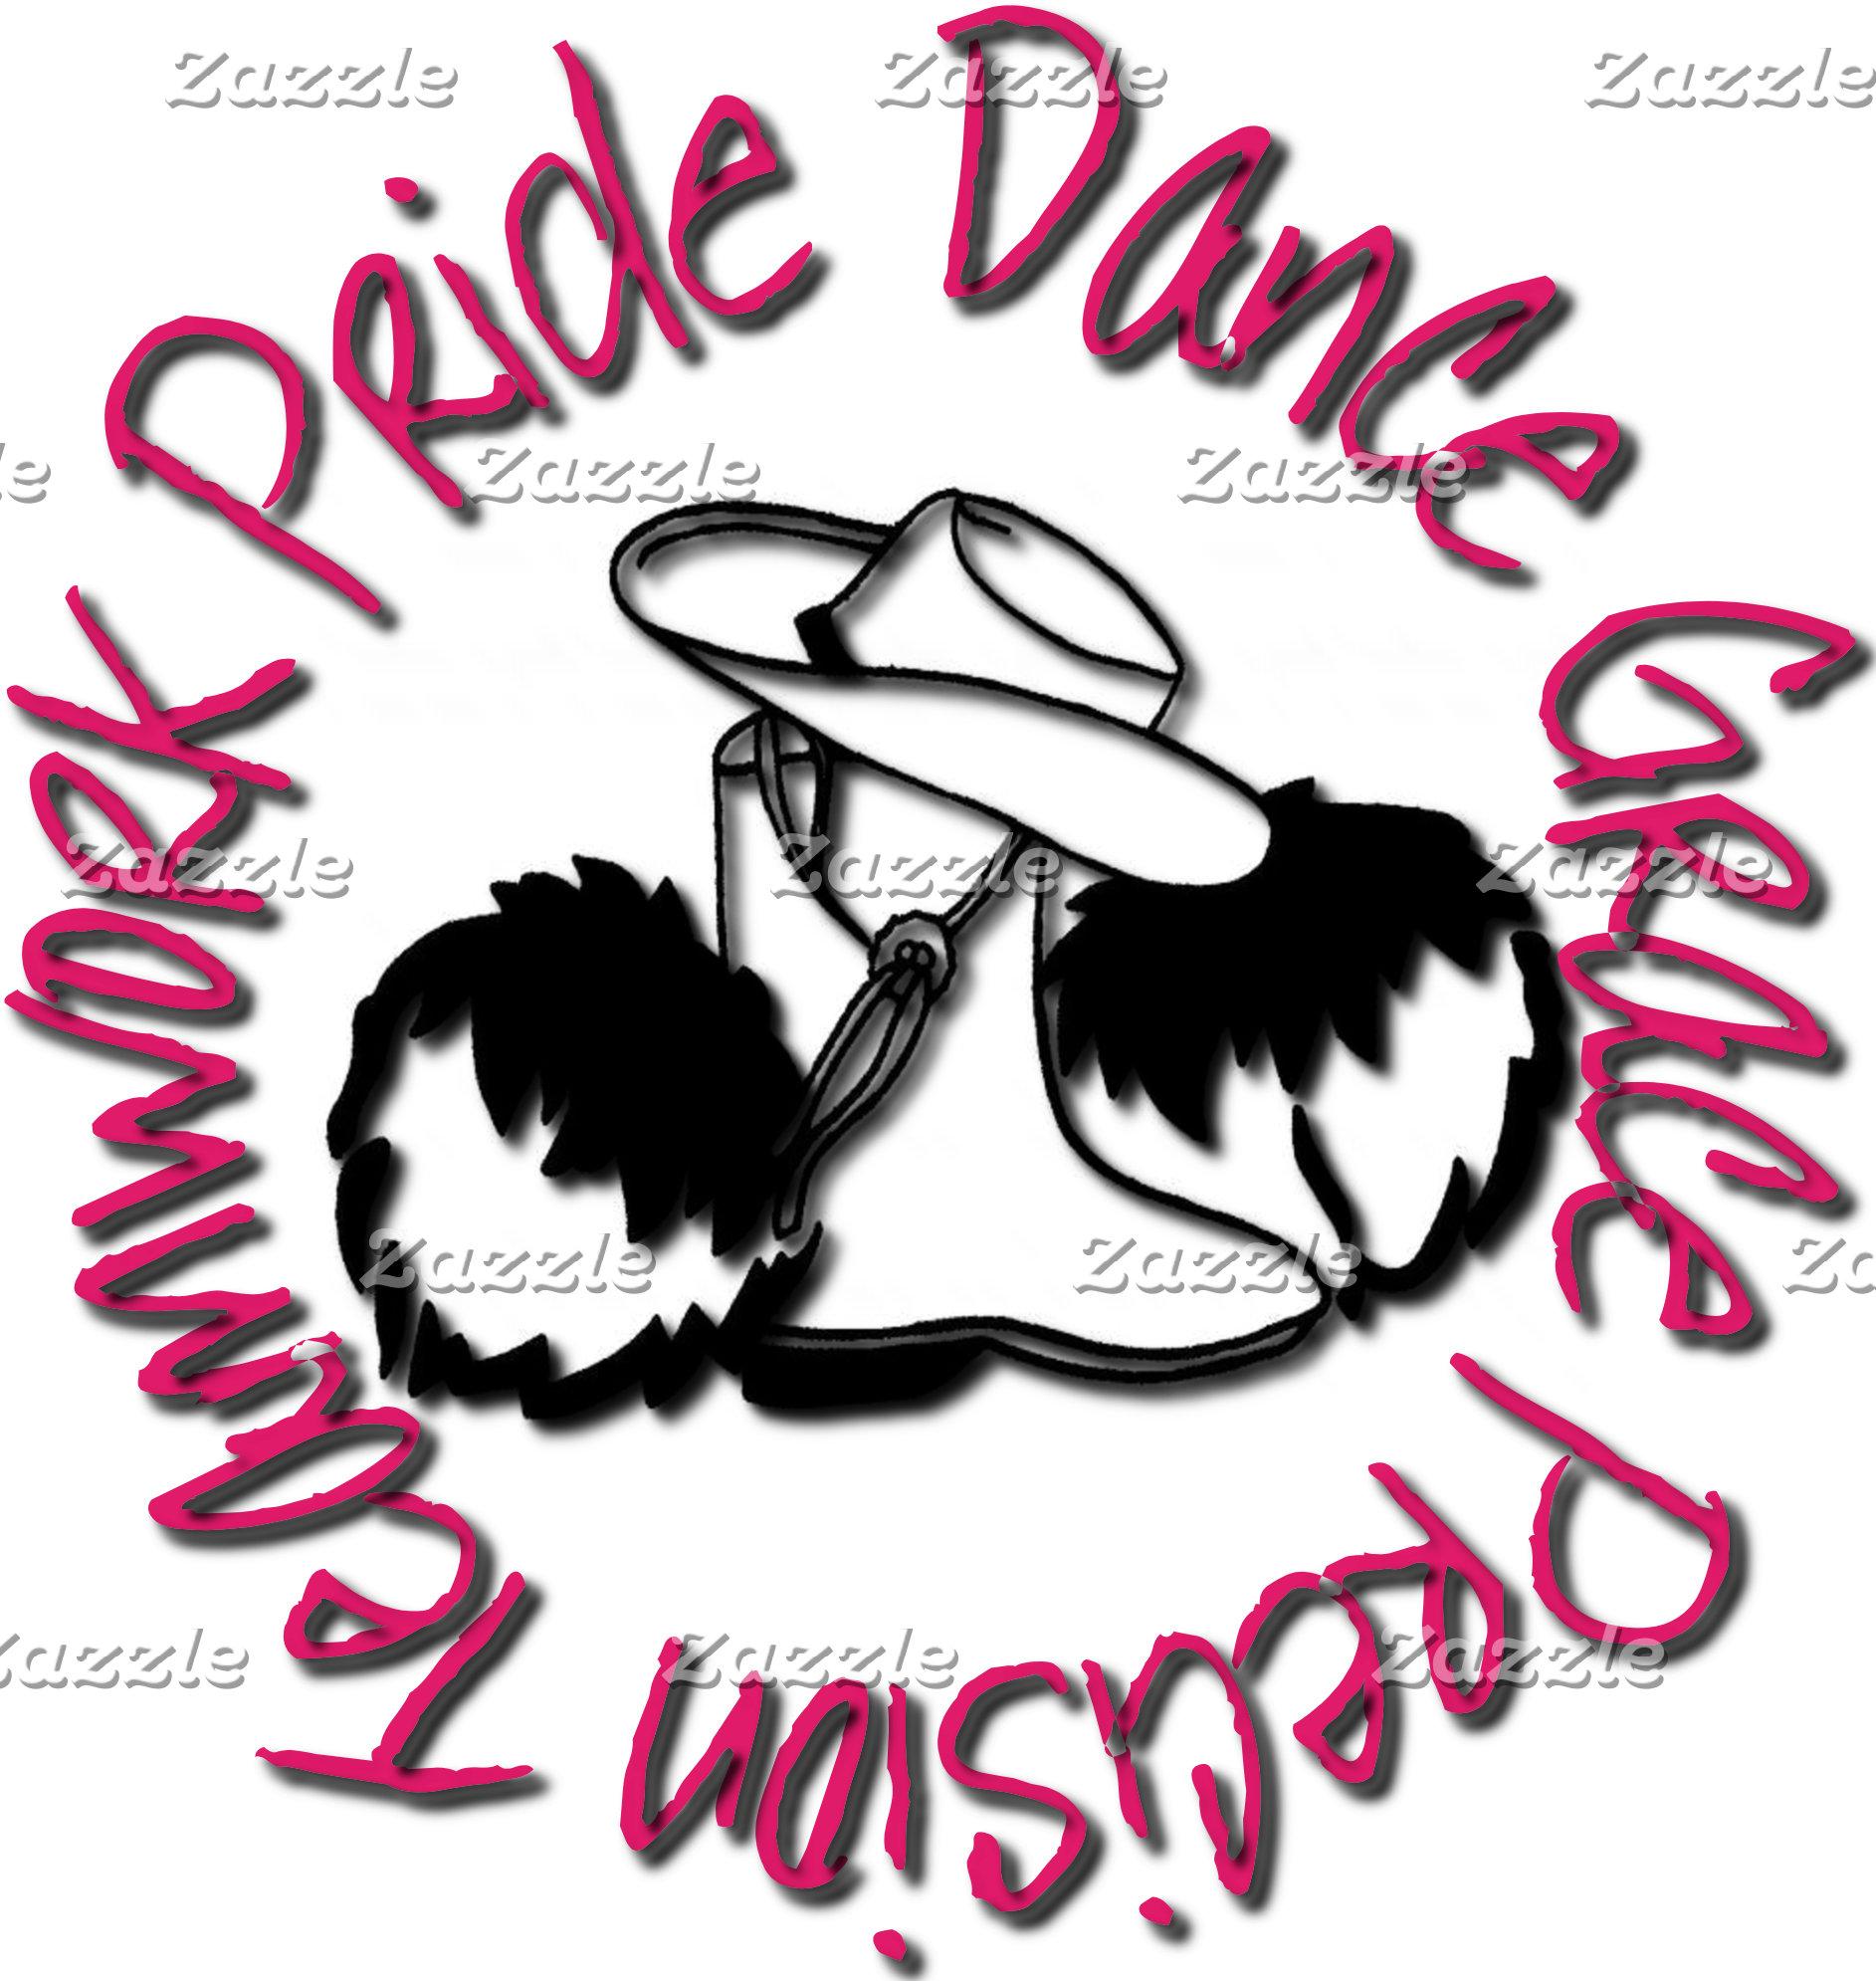 Drill Team - Dance Grace Precision Teamwork Pride